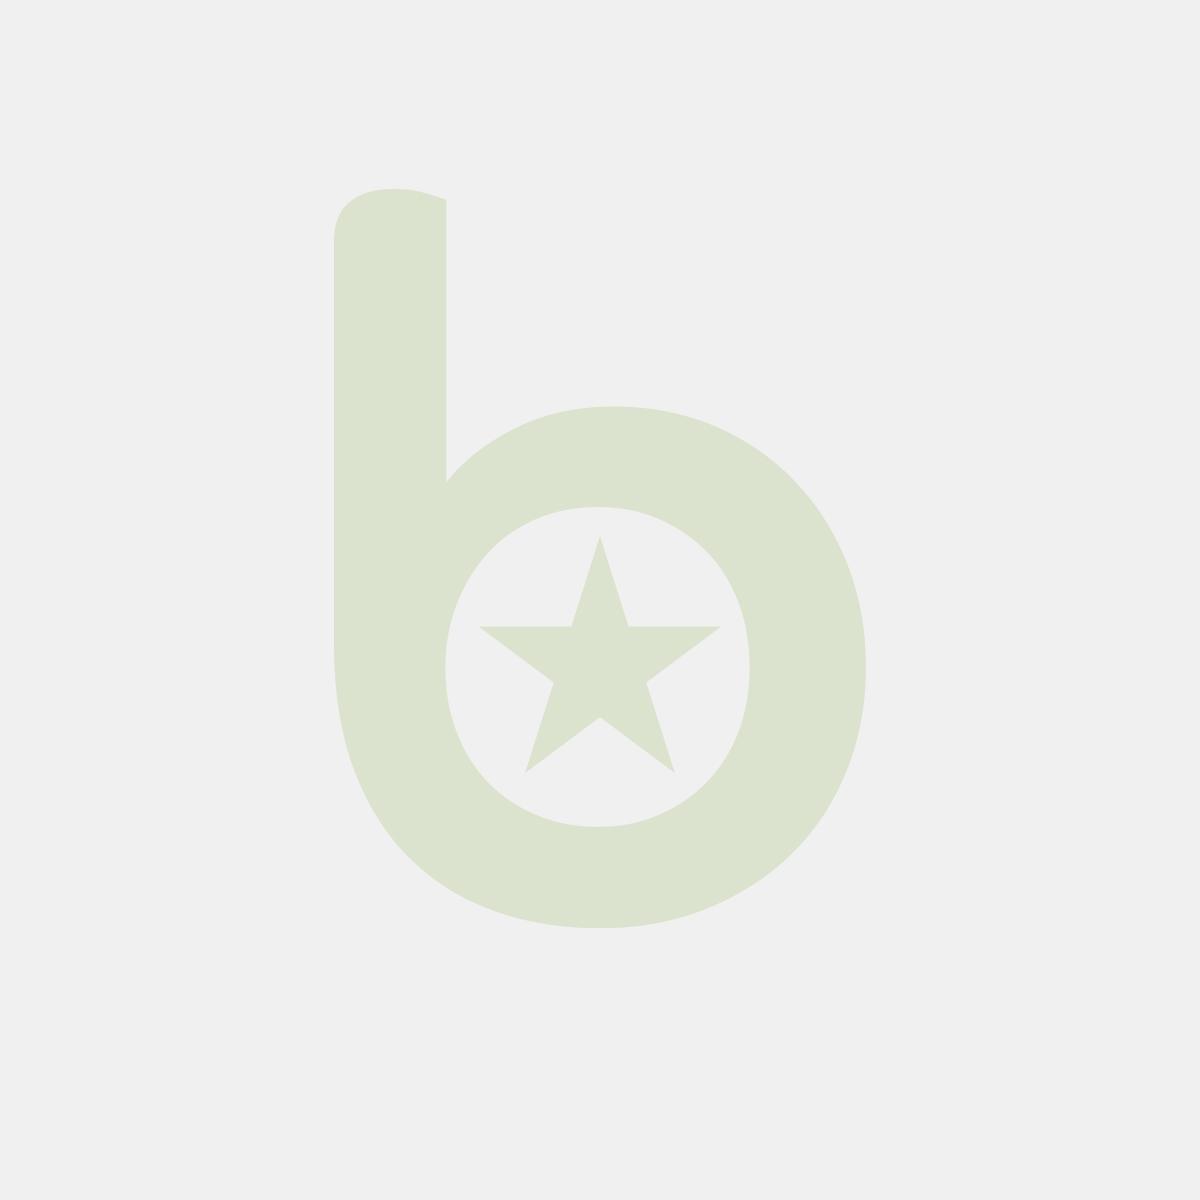 Kołonotatnik LIDERPAPEL Inspire, A5, w kratkę, 160 kart., 60gsm, perforacja